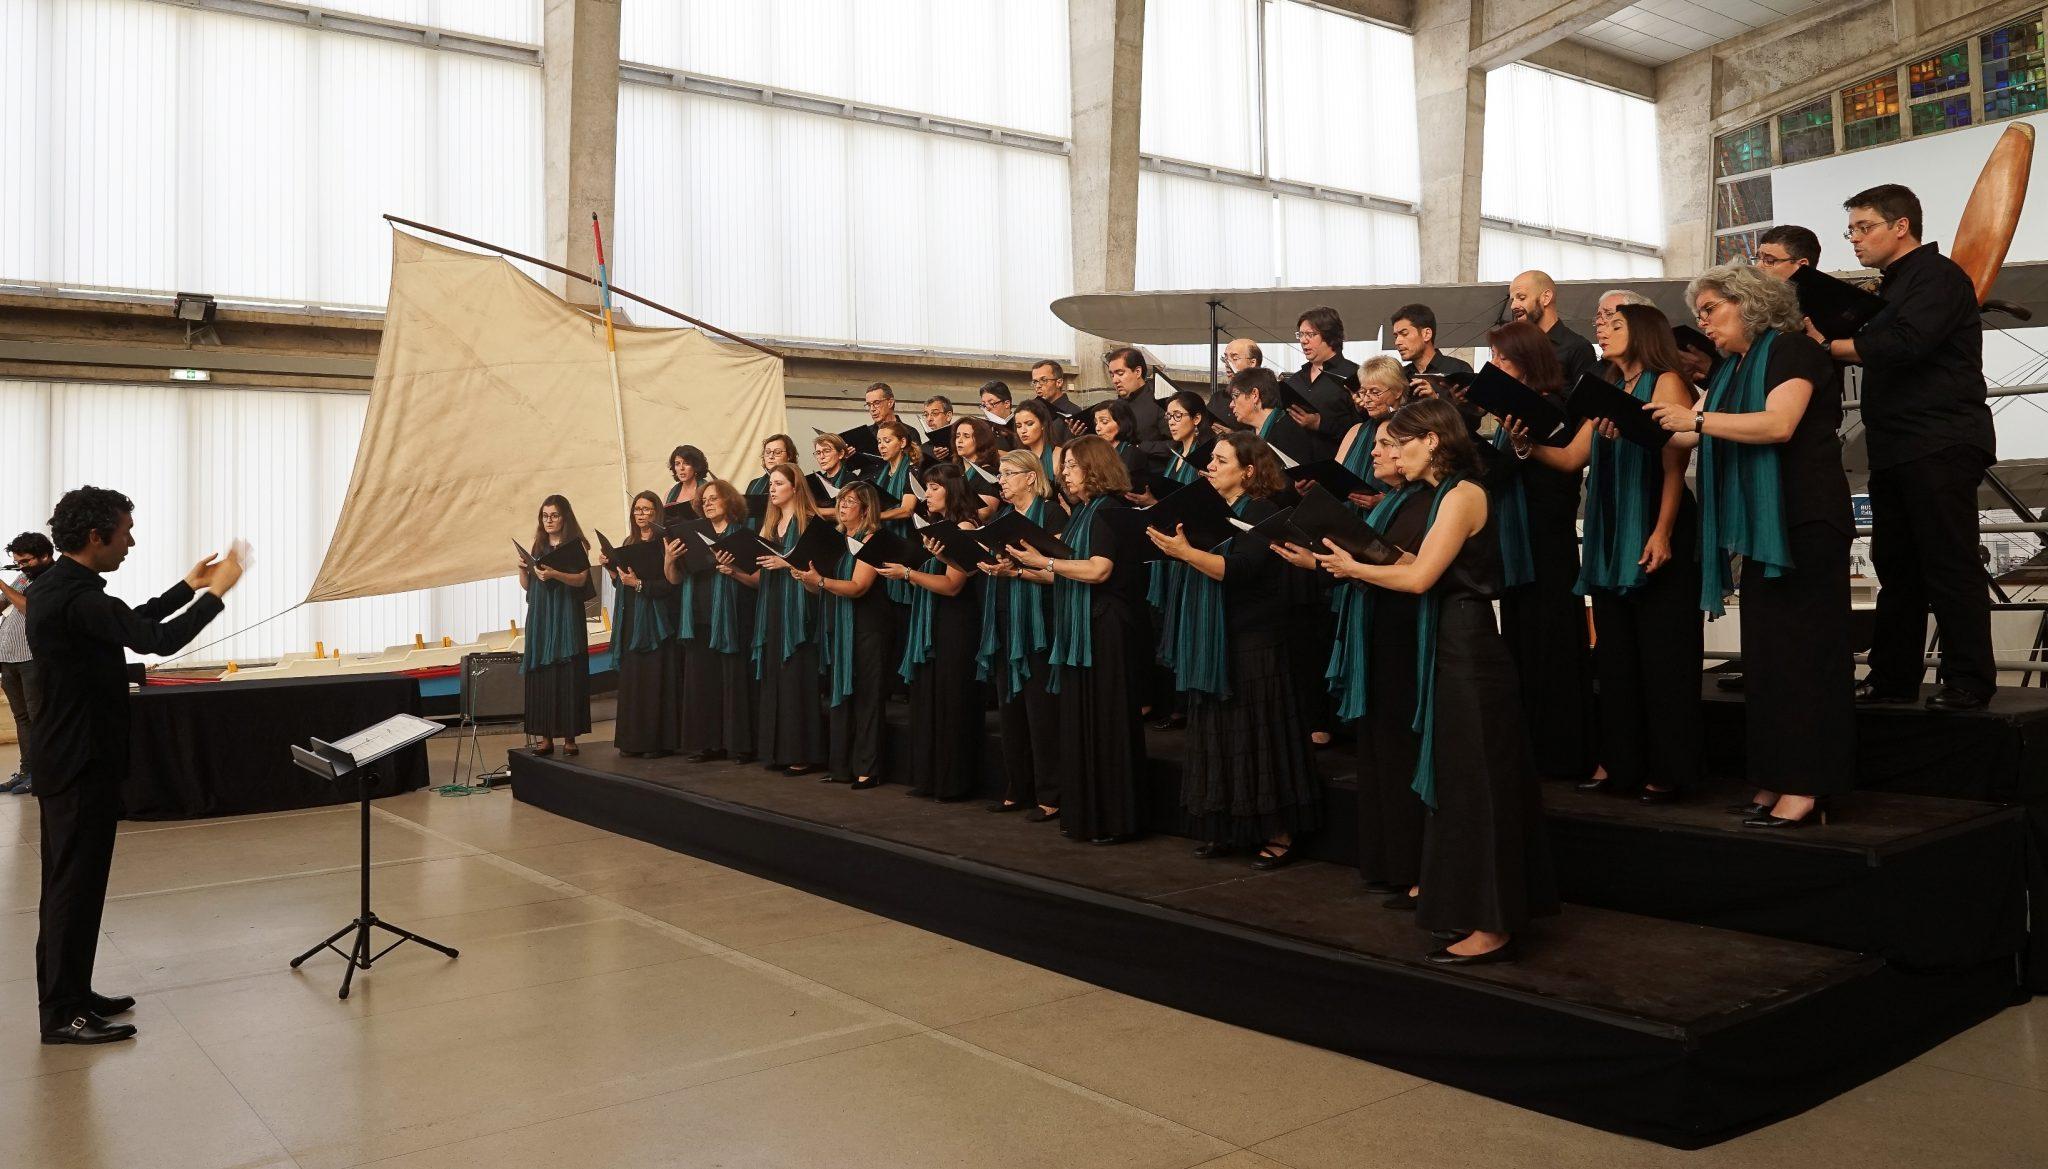 Homens e mulheres, ambos vestidos de negro - elas com um lenço verde ao pescoço -, cantam no Museu da Marinha e seguram as partituras nas mãos. À sua frente, o maestro dirige a atuação.